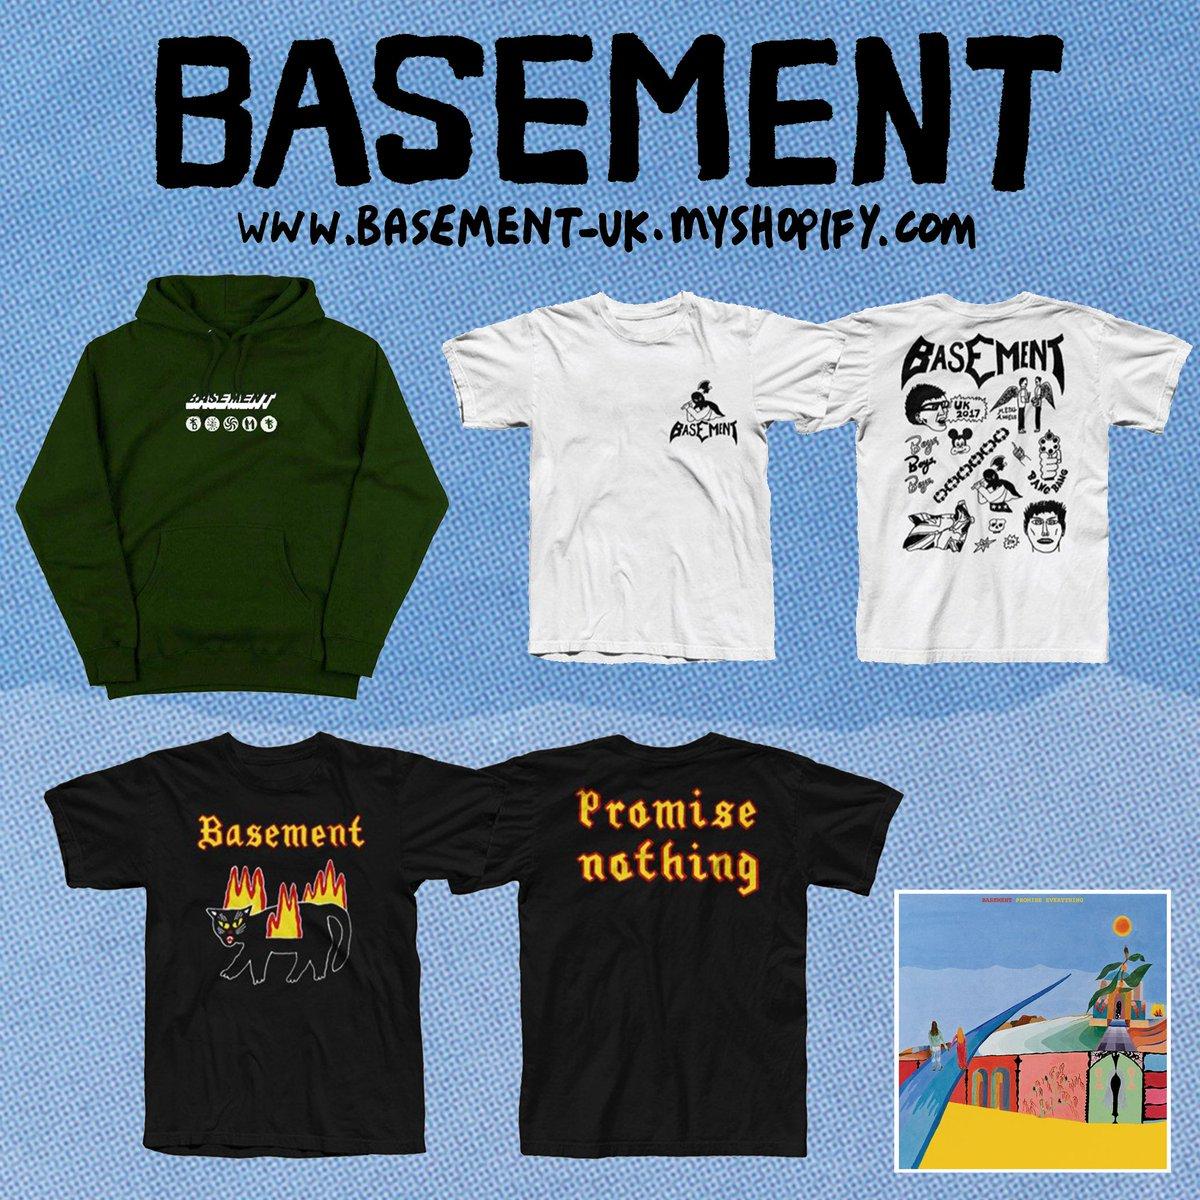 basement merch the hippest pics